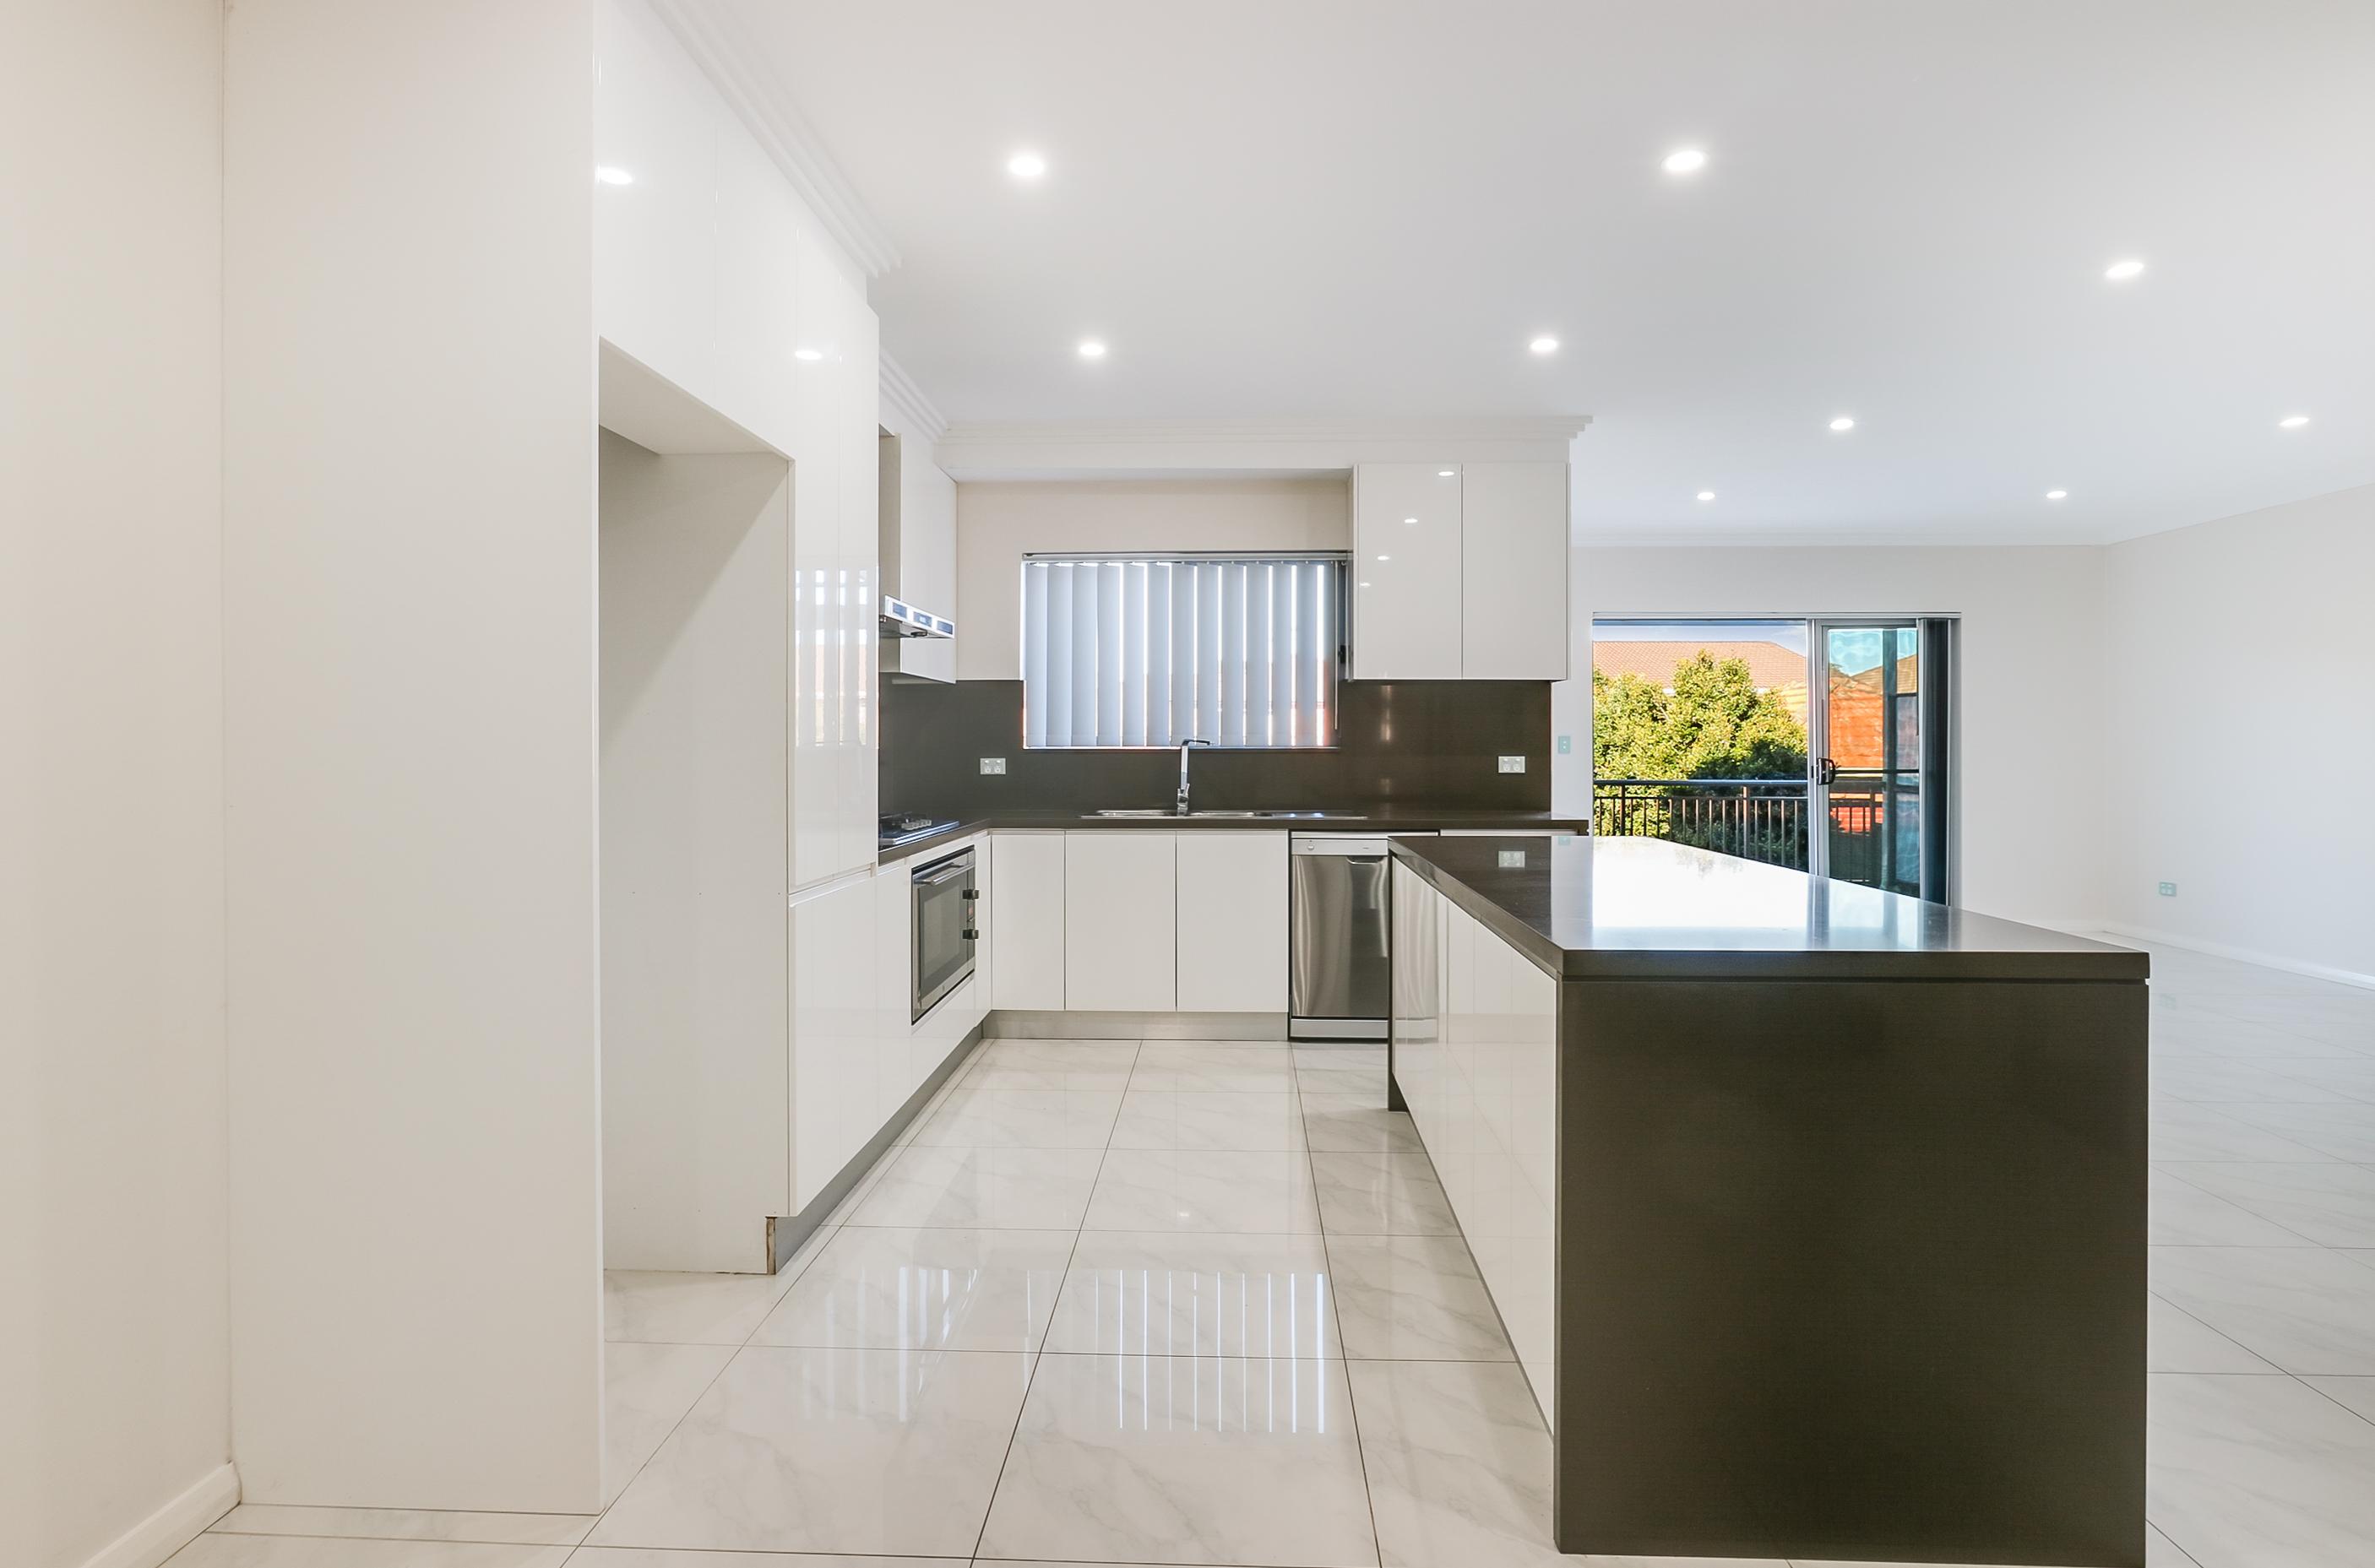 54 scoot kitchen